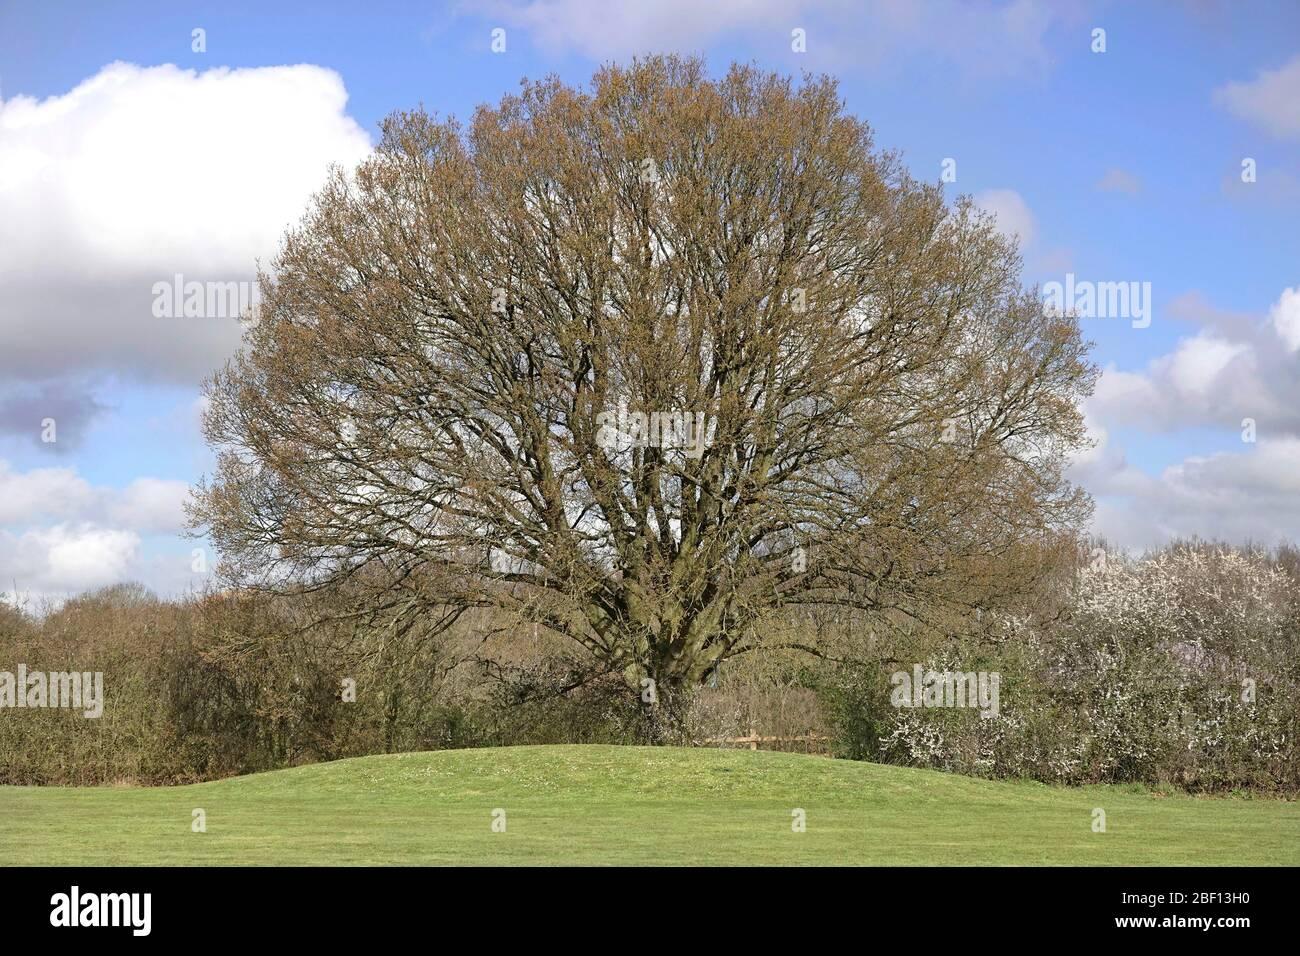 Spring Sunshine In Rural Landscape English Deciduous Hardwood Oak